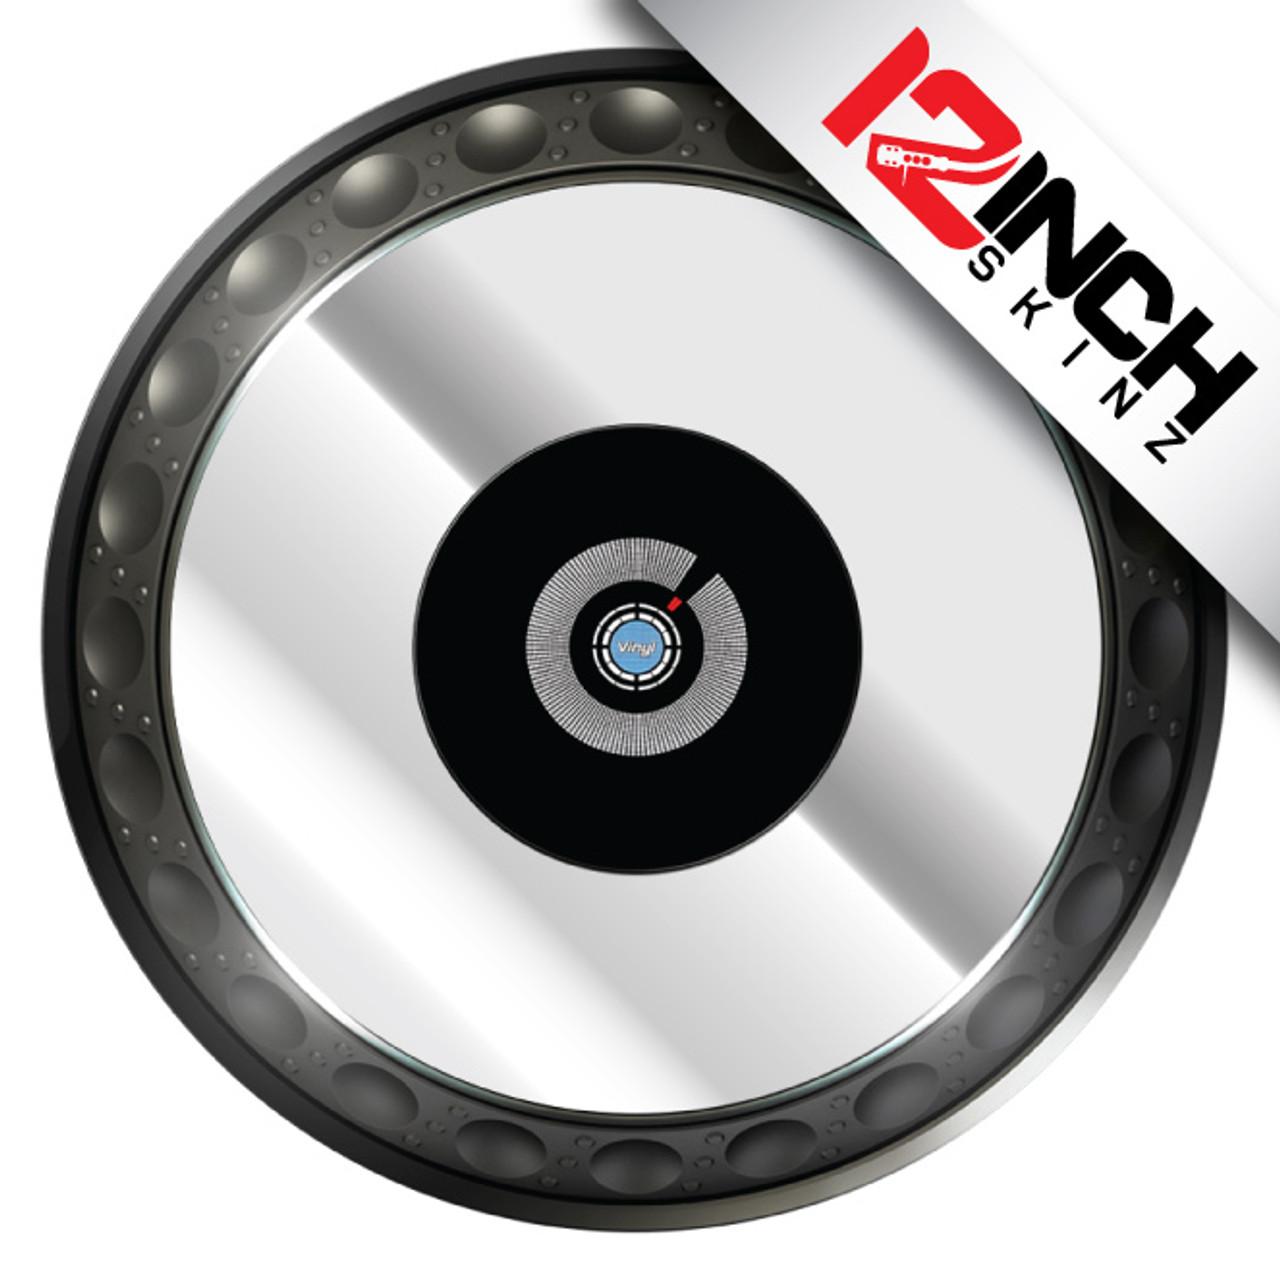 Pioneer CDJ-850/900/1000/2000/XDJ-1000/DDJ-SZ Platter  Skinz (PAIR) - Metallics